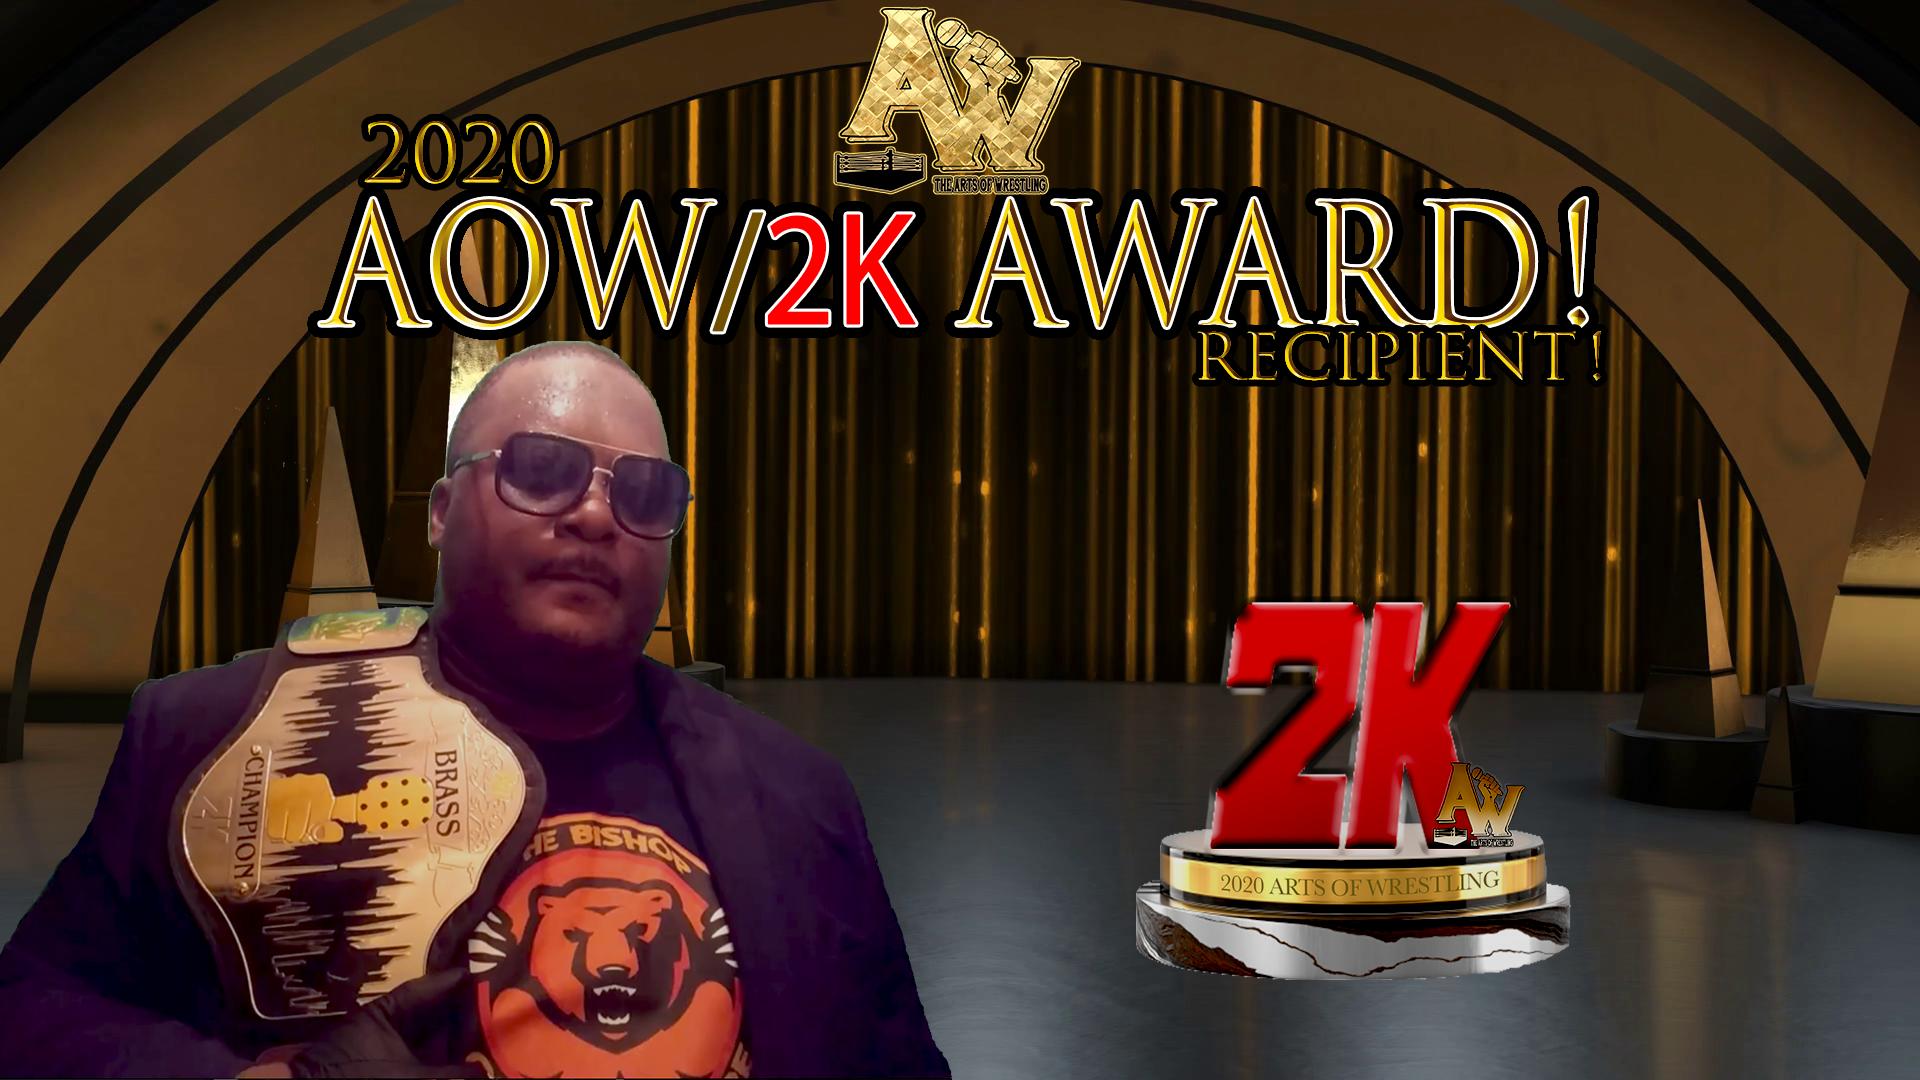 2k Award.png